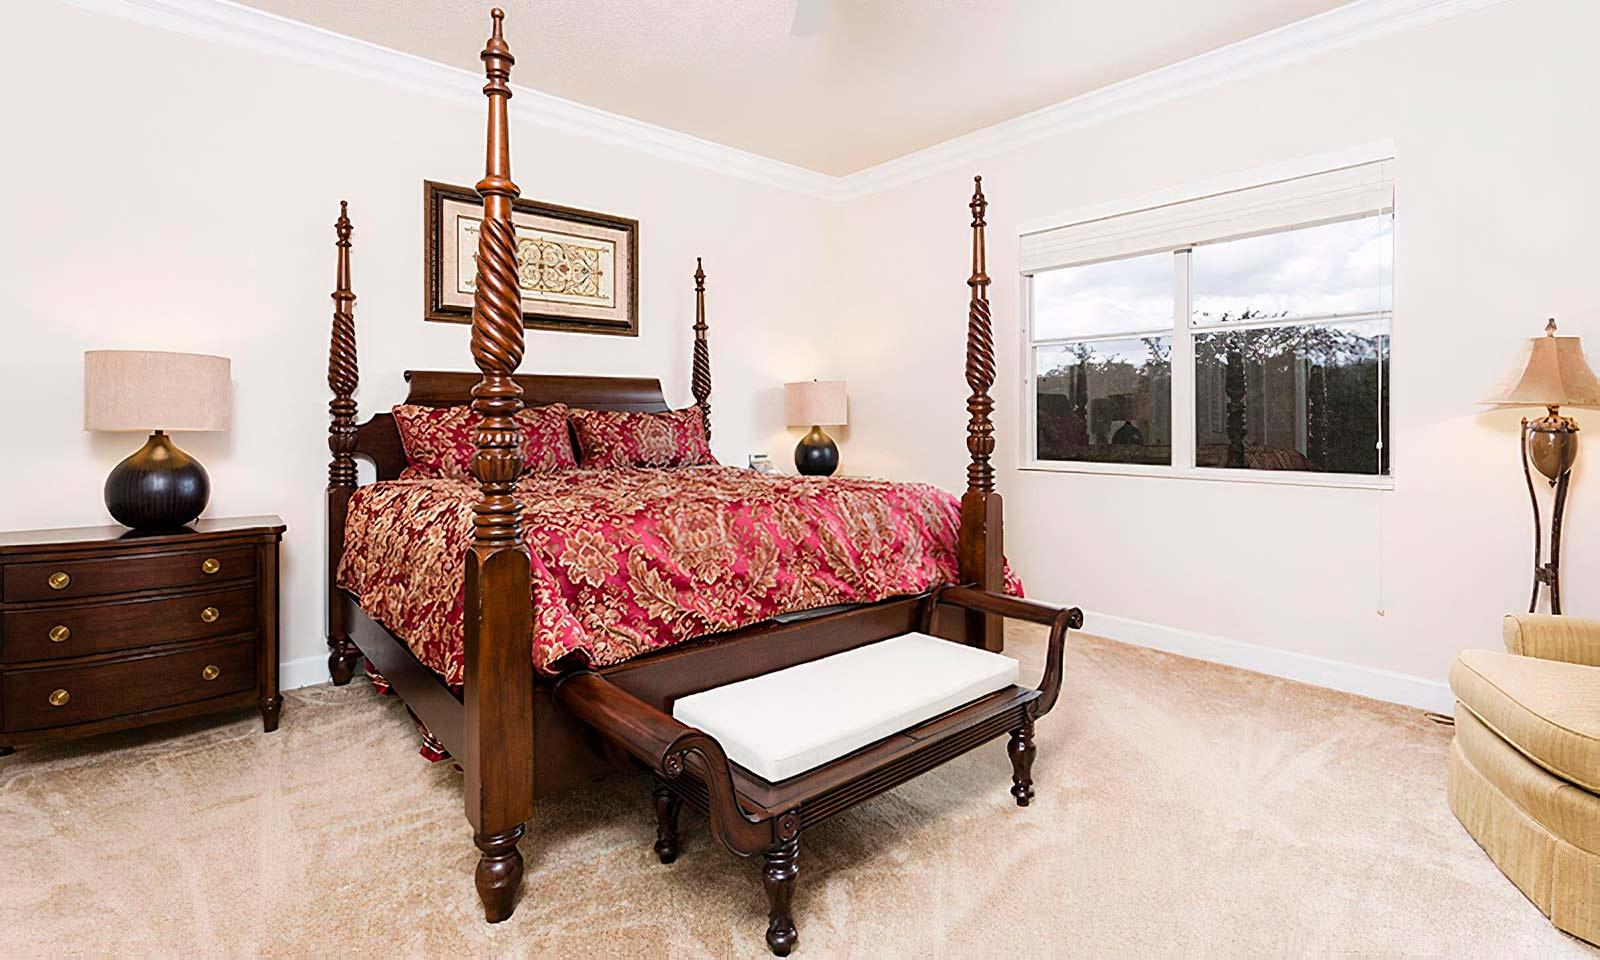 [amenities:Master-Bedroom:2] Master Bedroom